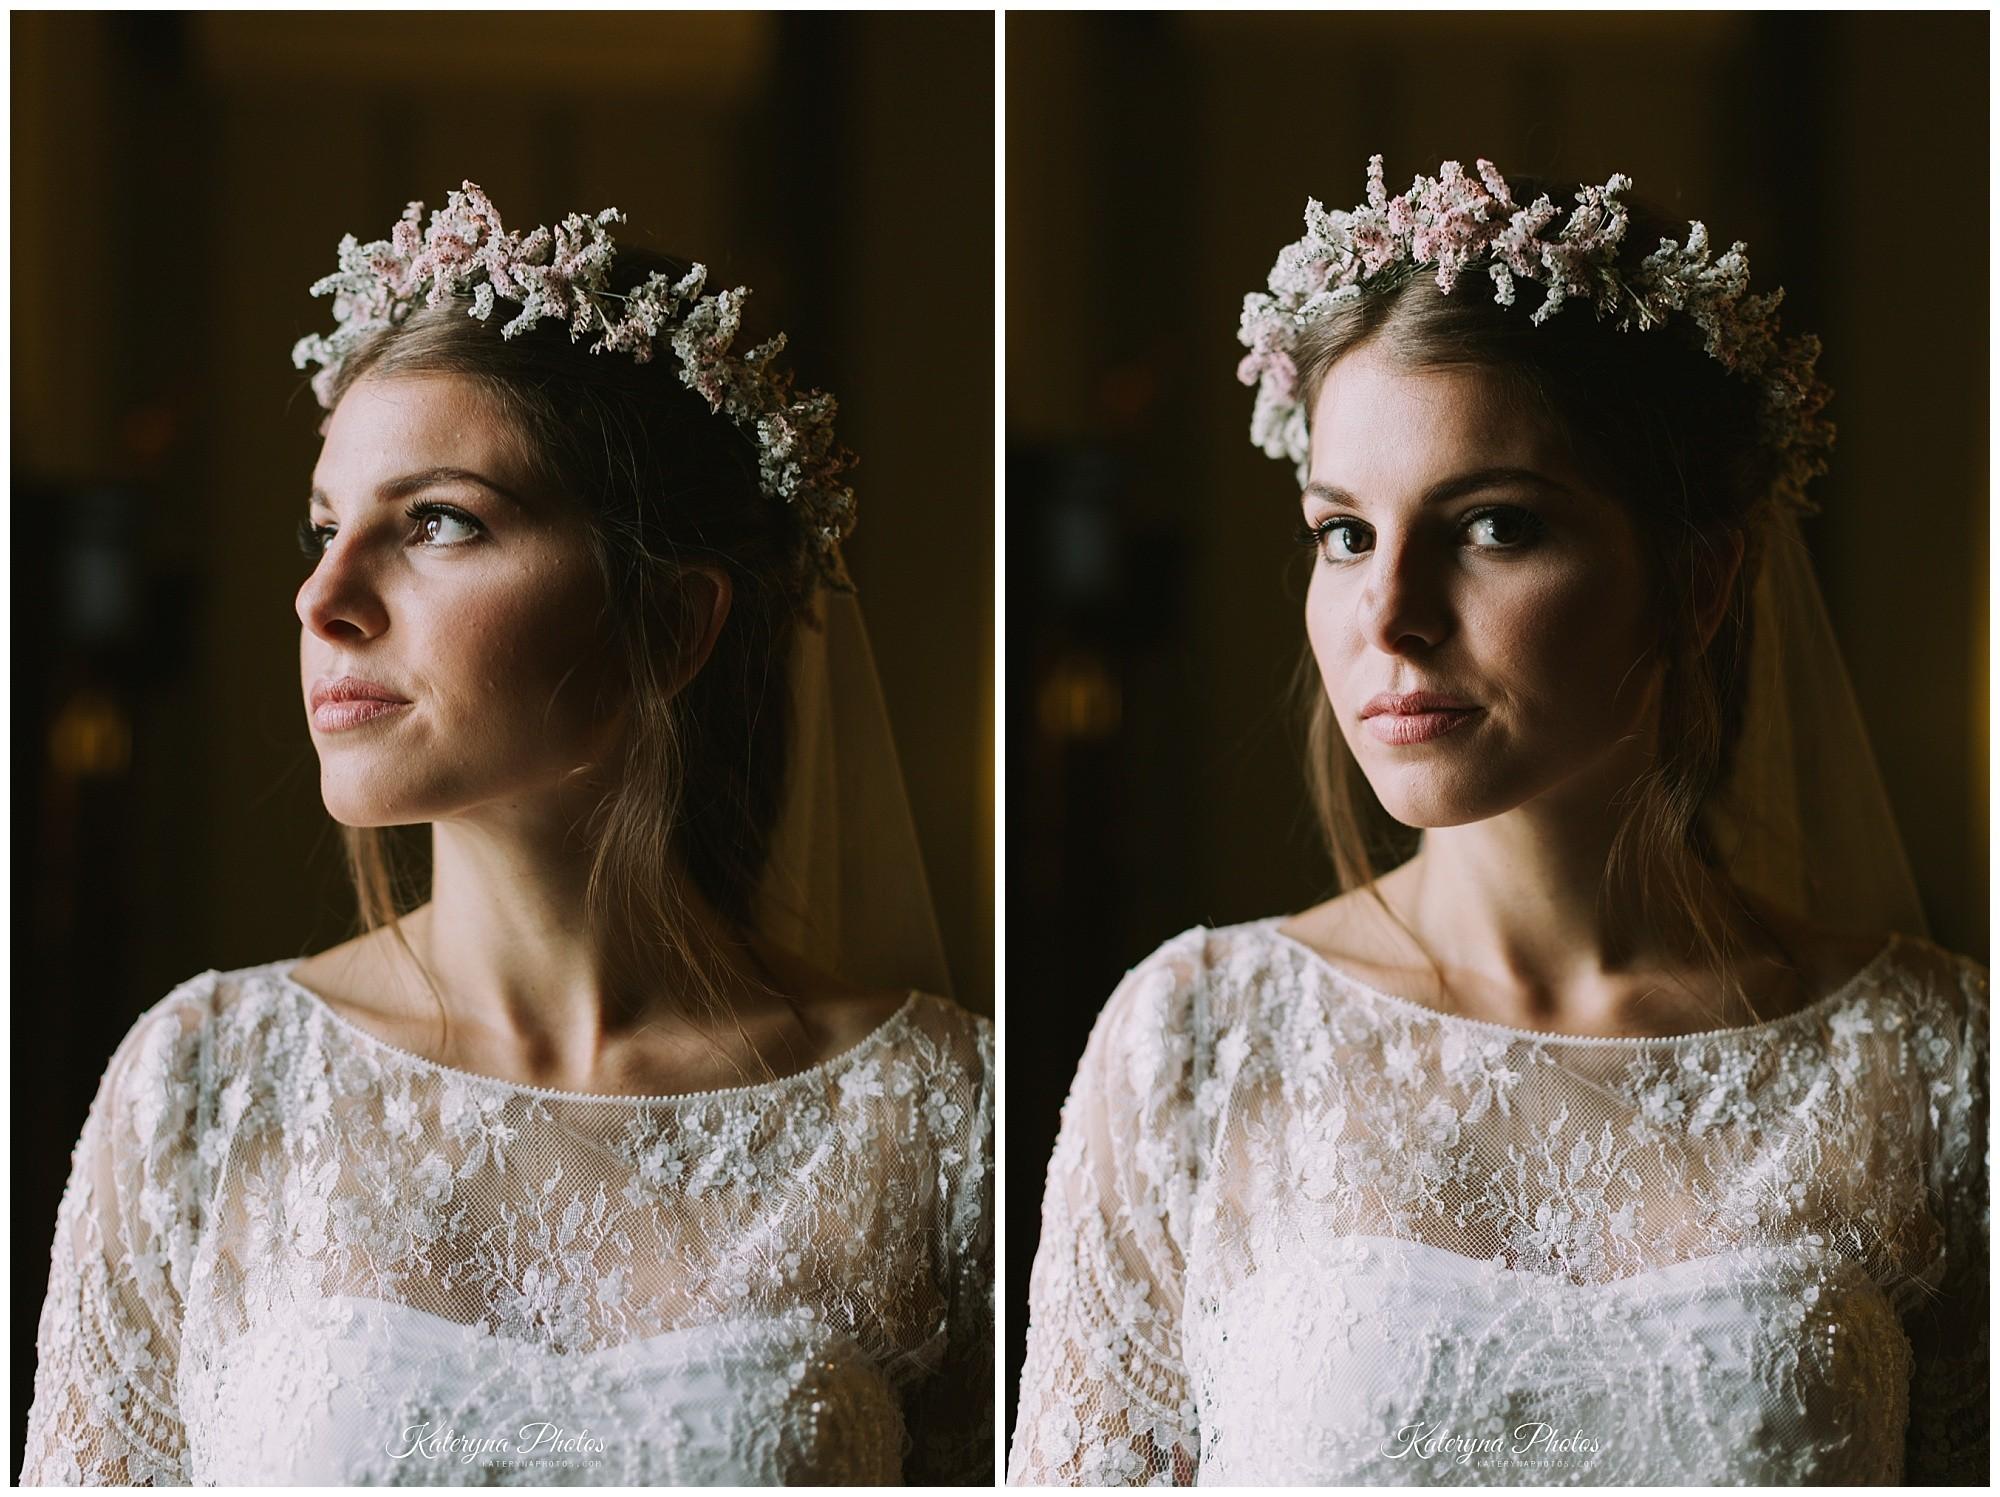 Kateryna-photos-photographe-boda-wedding-barcelona-bell-reco-bcn-novia